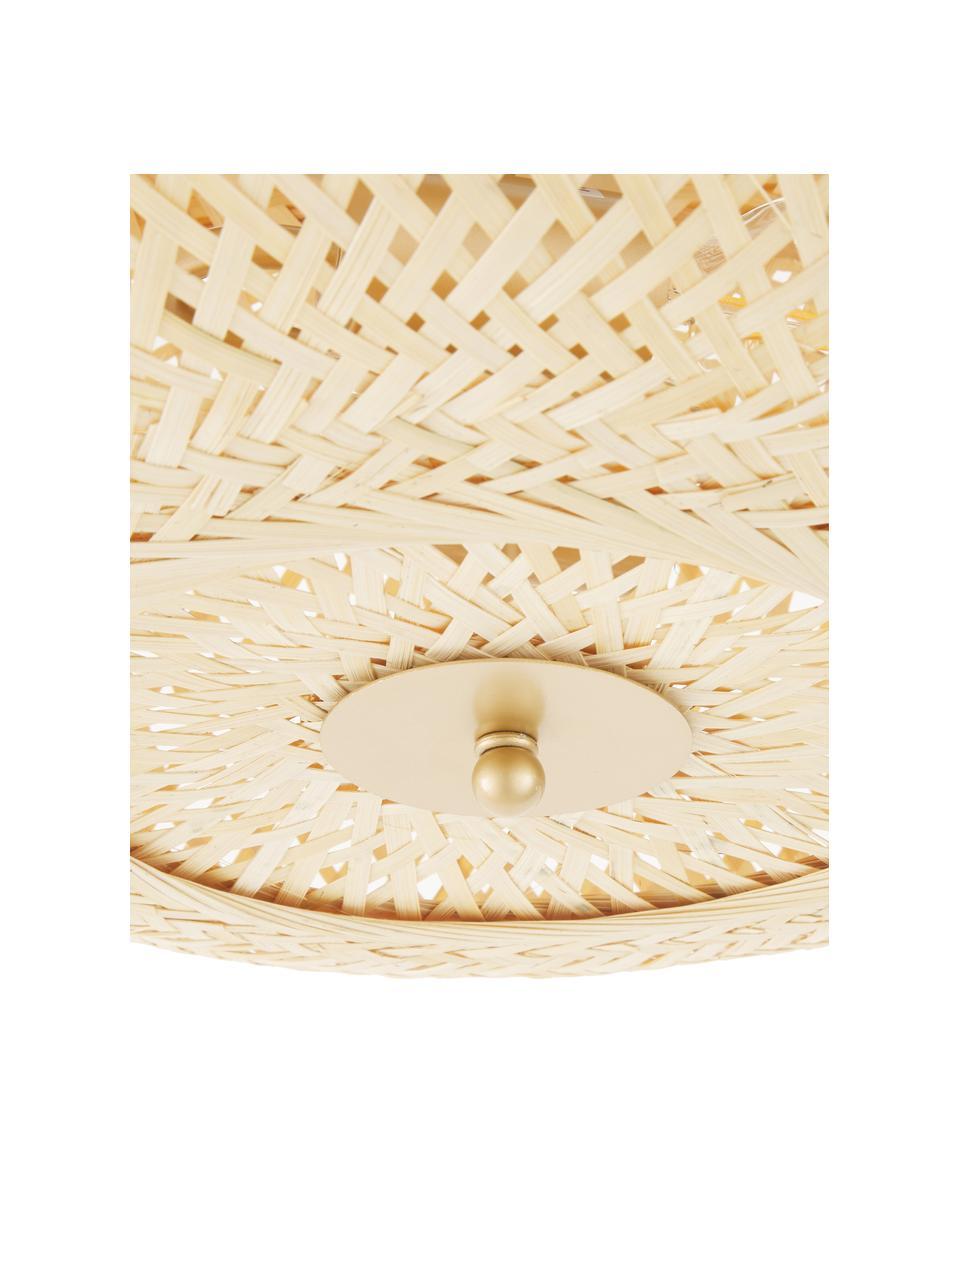 Lampa sufitowa z włókna bambusowego Evelyn, Klosz: drewno bambusowe Osłona mocowania sufitowego i złącza: beżowy, matowy, Ø 50 x W 20 cm